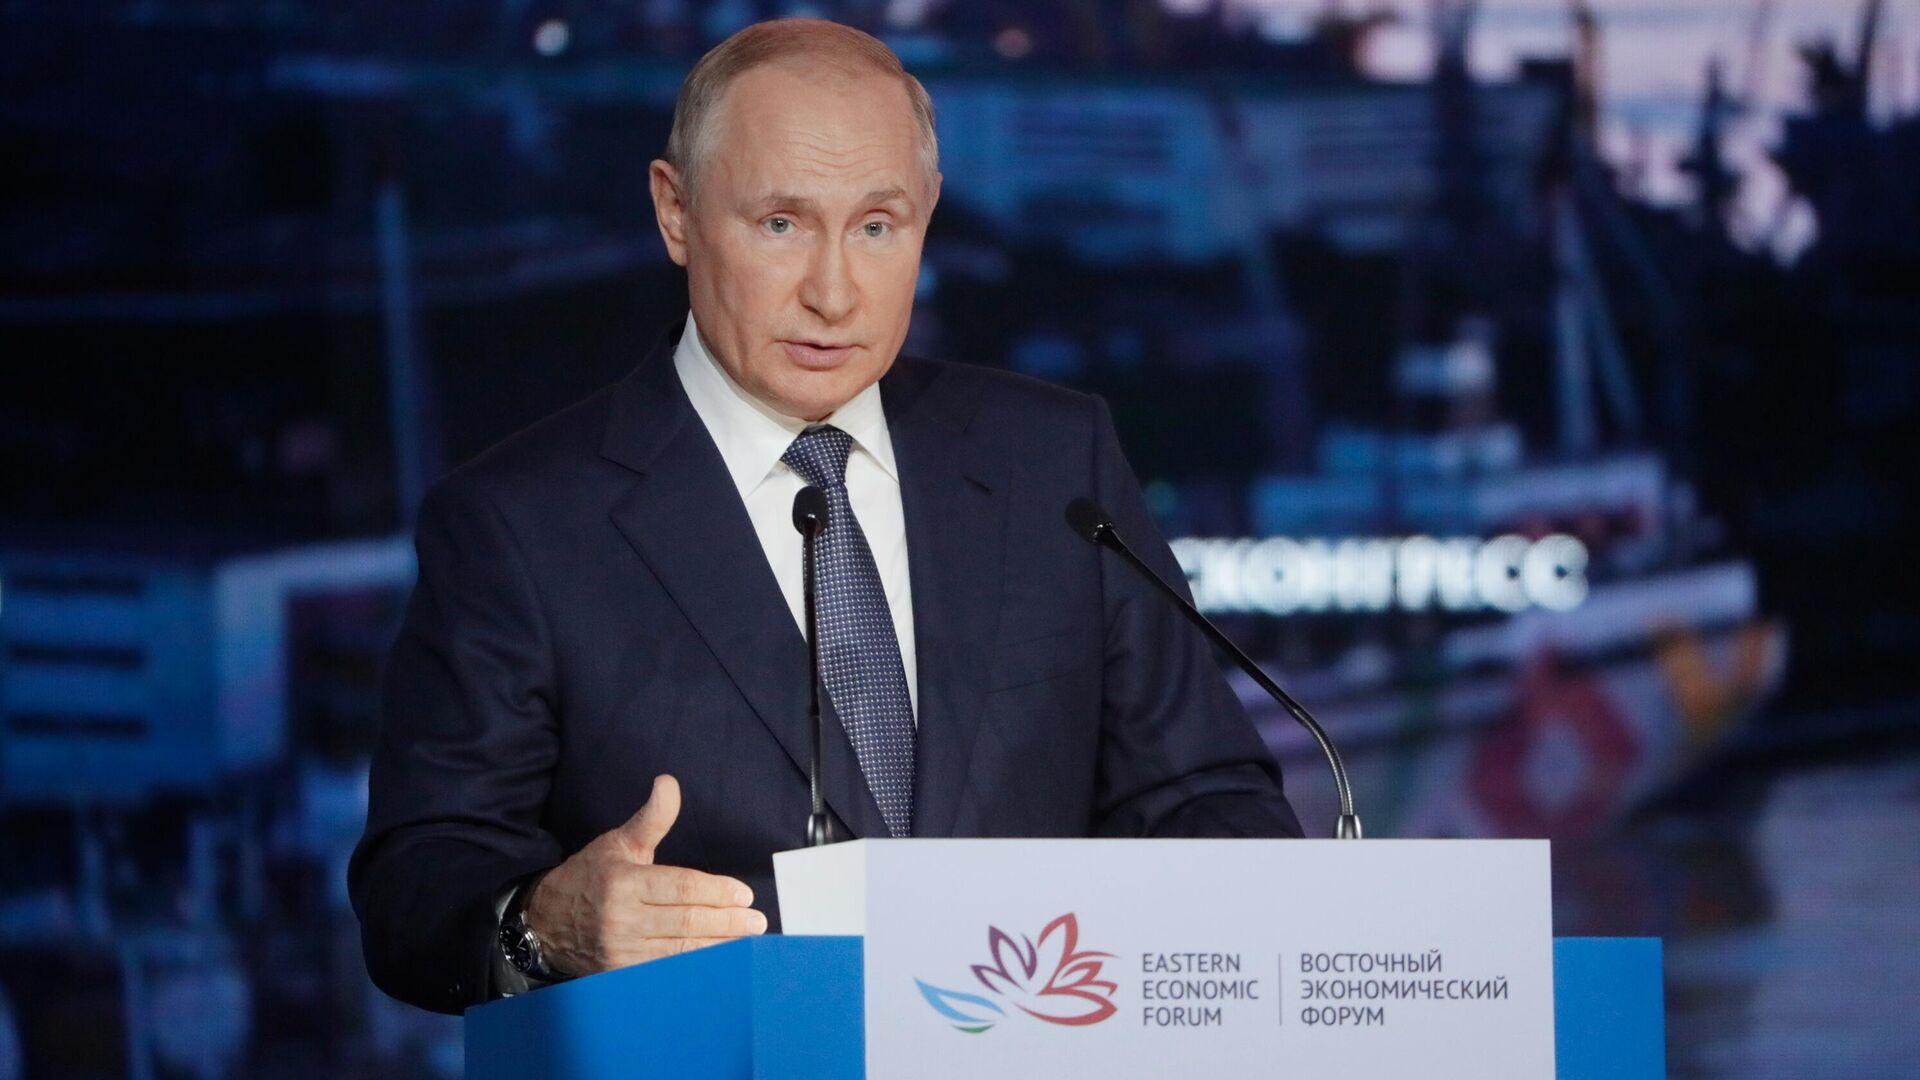 Il presidente russo Vladimir Putin al Forum Economico Orientale - Sputnik Italia, 1920, 16.09.2021